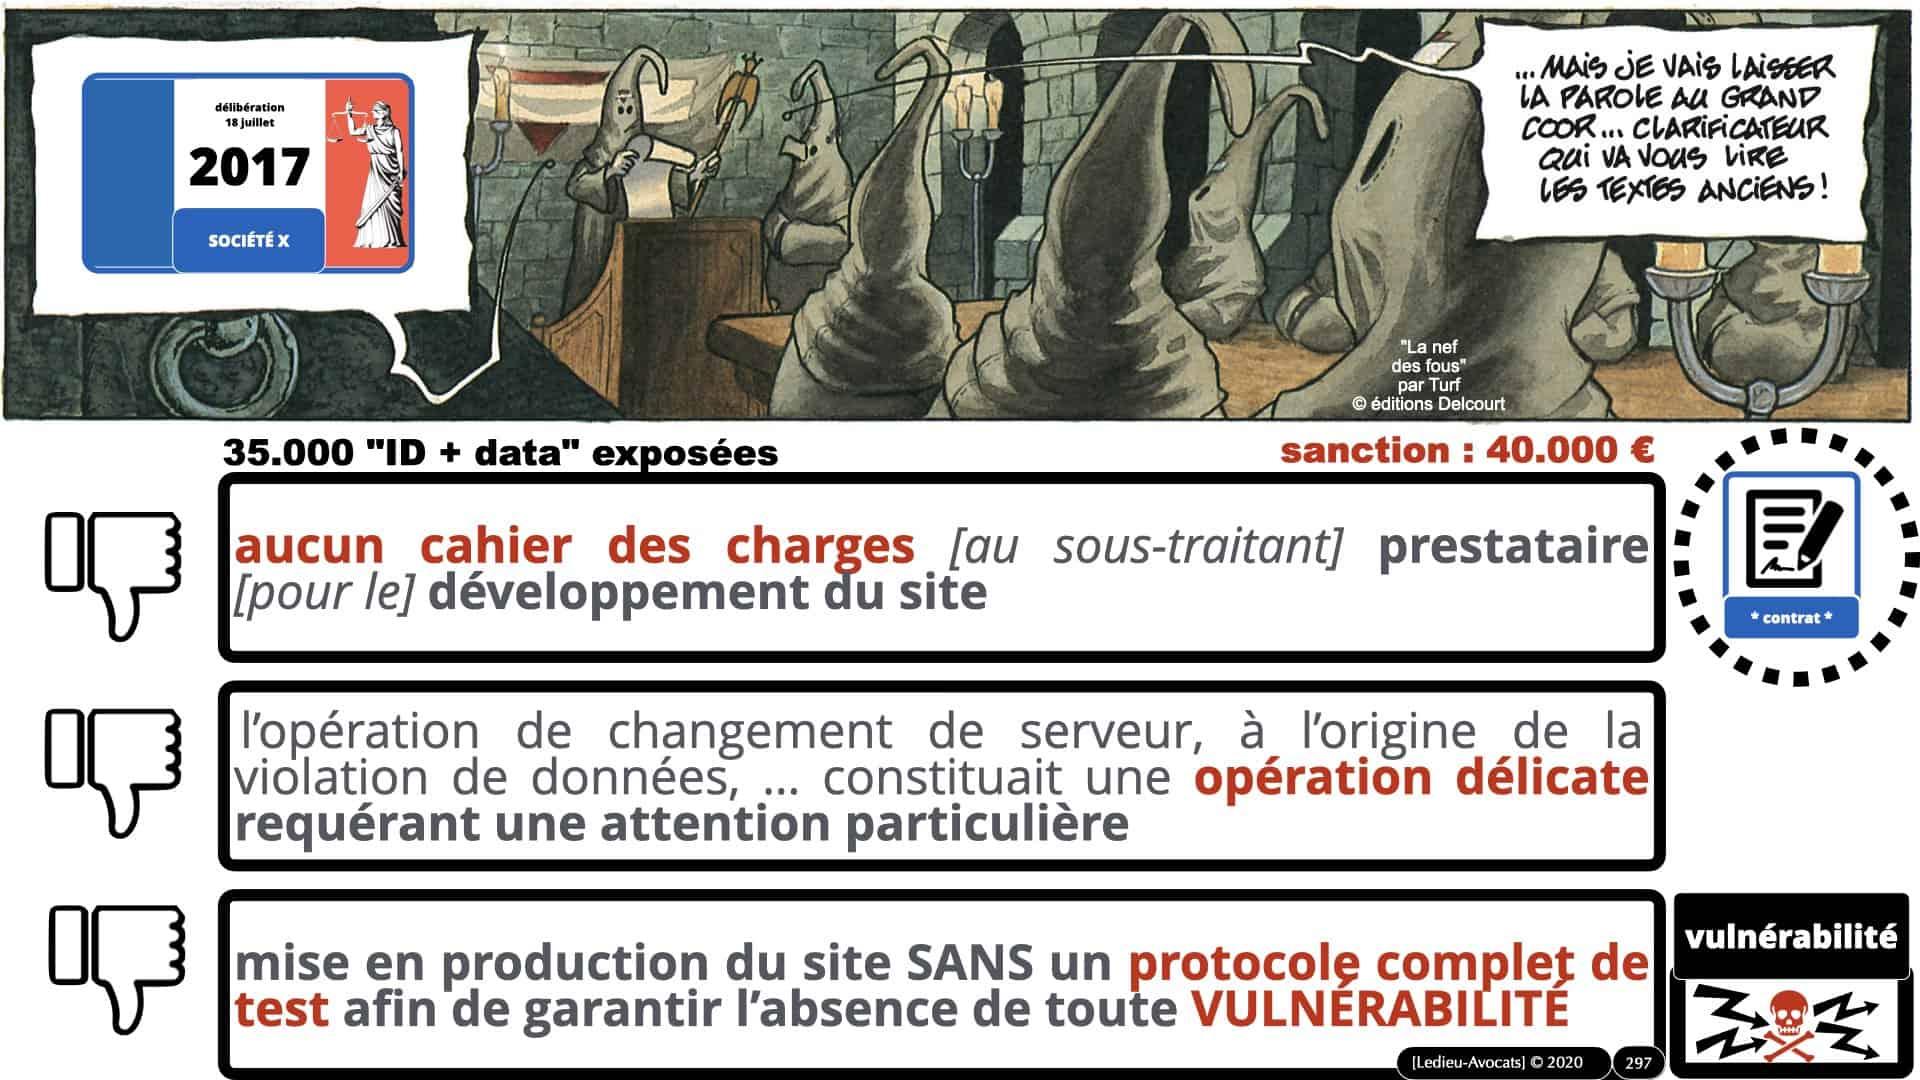 RGPD e-Privacy données personnelles jurisprudence formation Lamy Les Echos 10-02-2021 ©Ledieu-Avocats.297